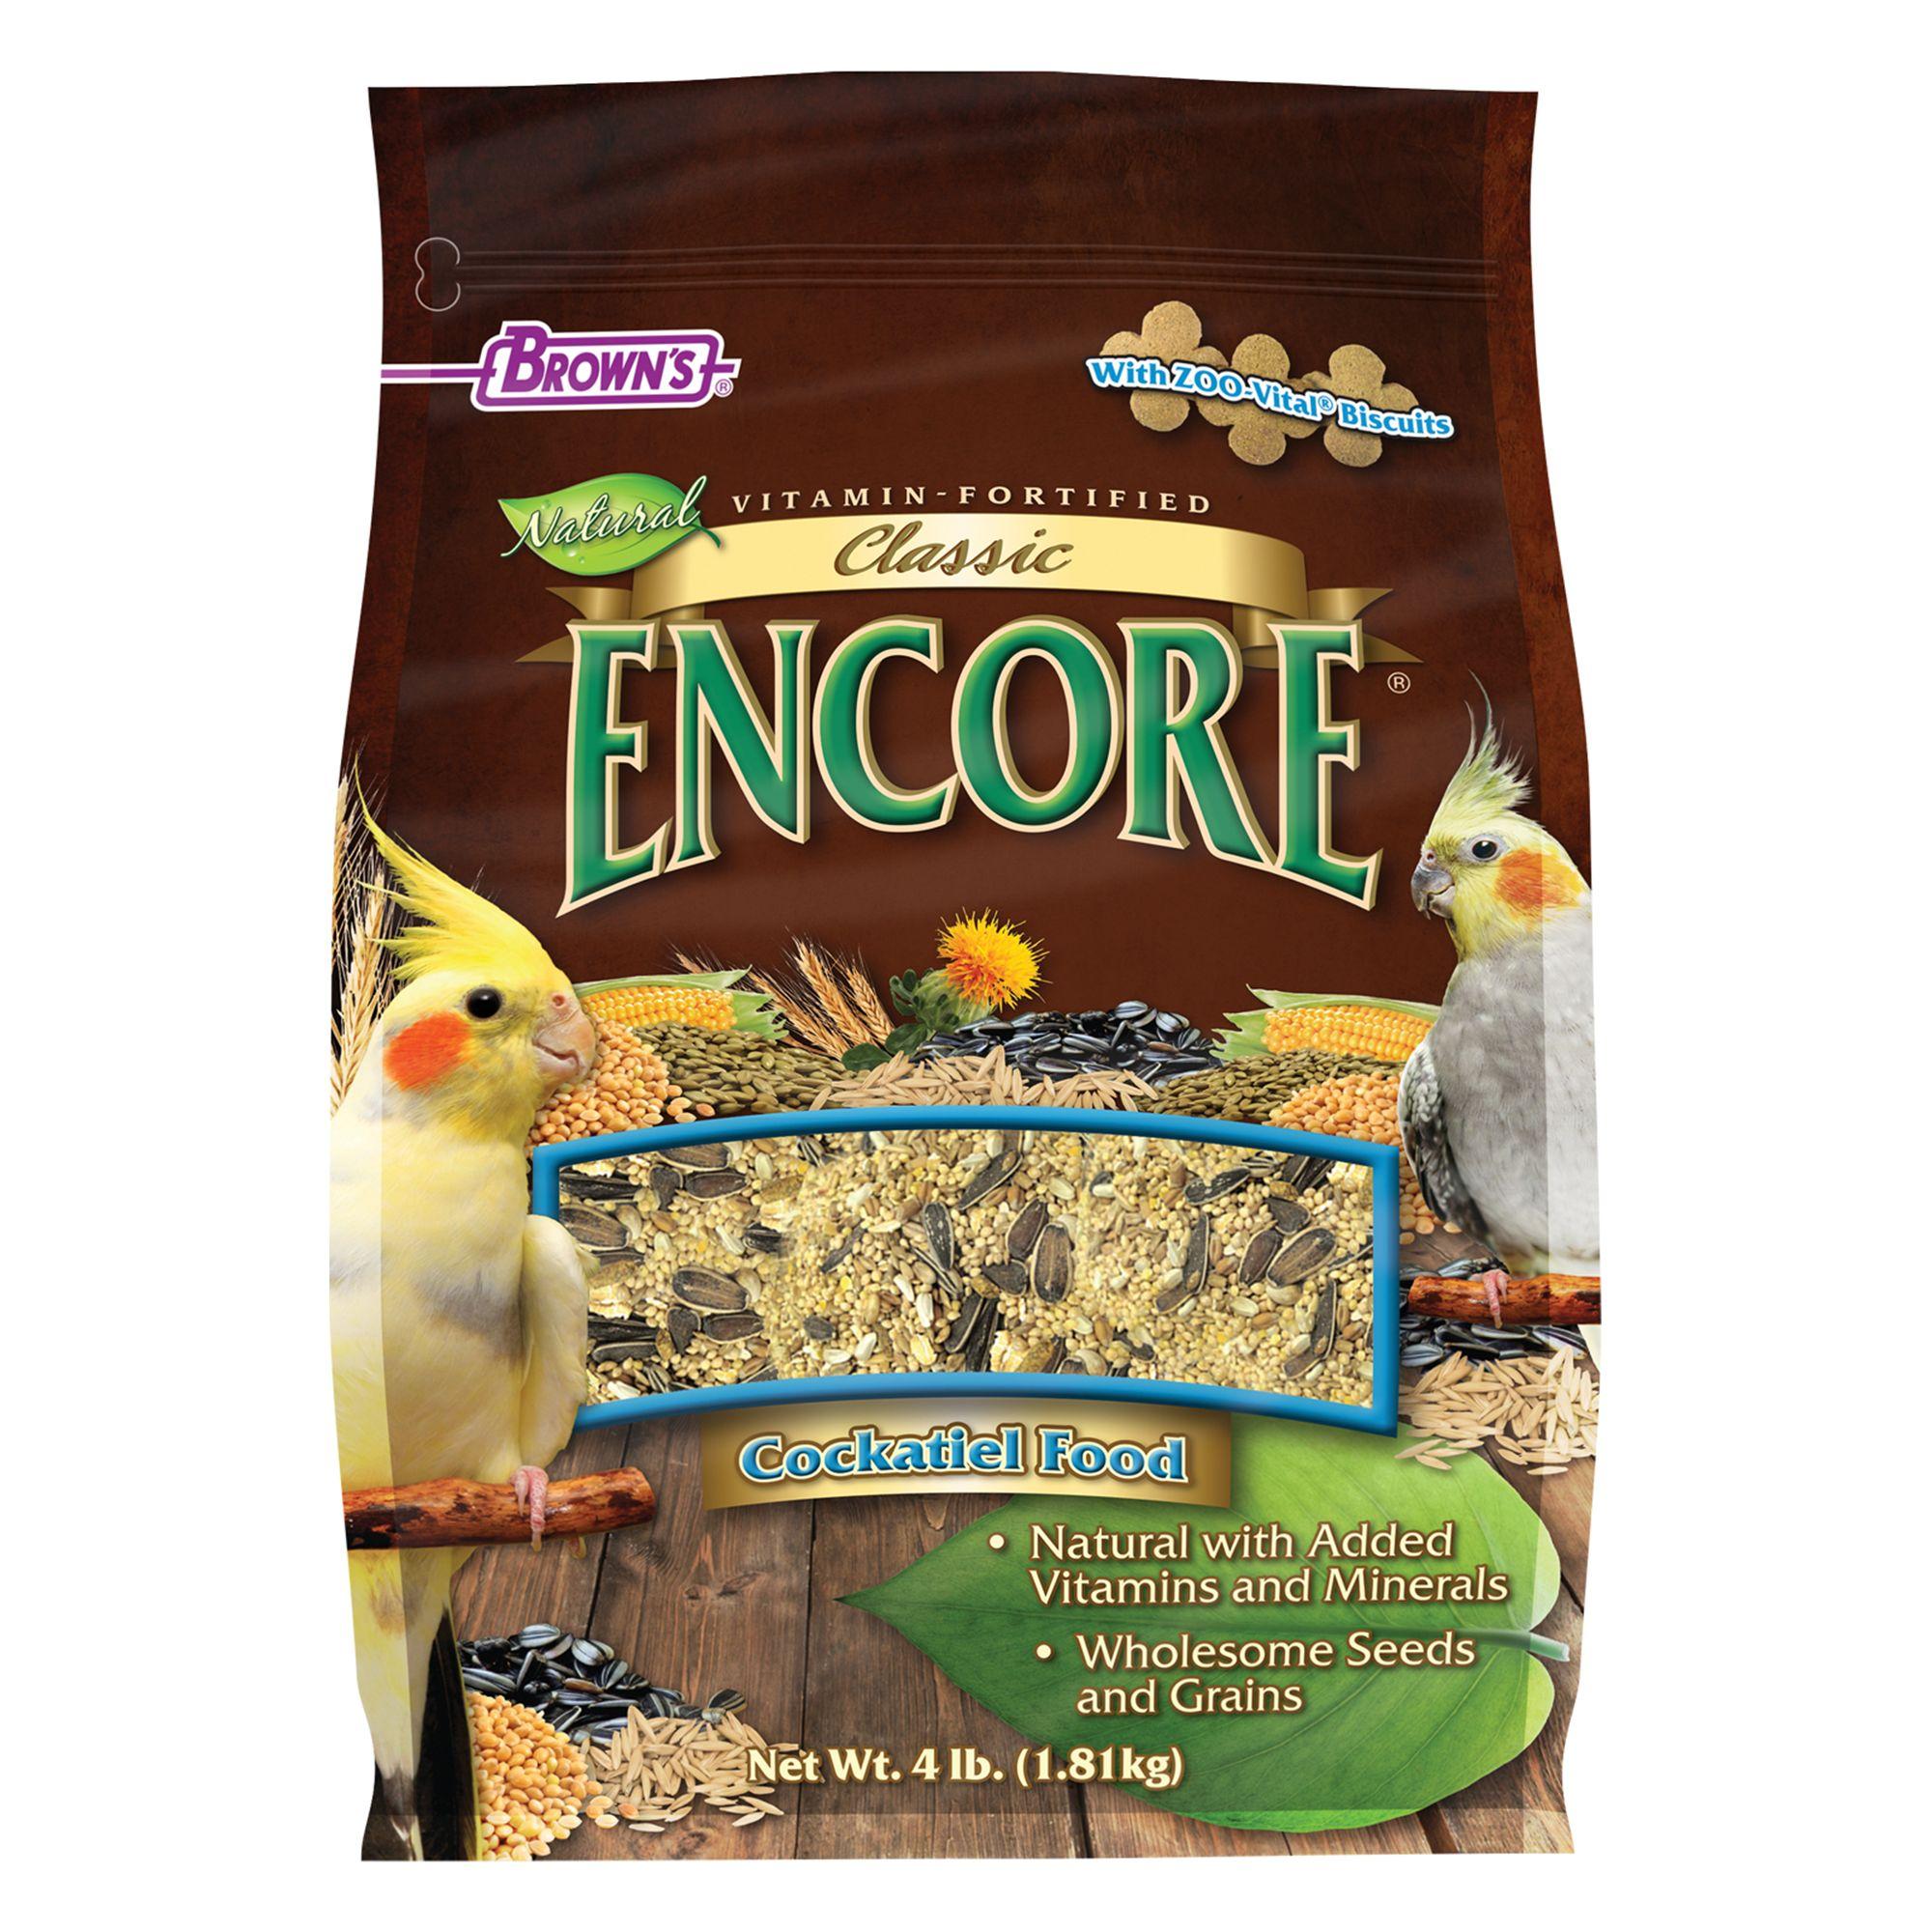 Brown's Encore Classic...